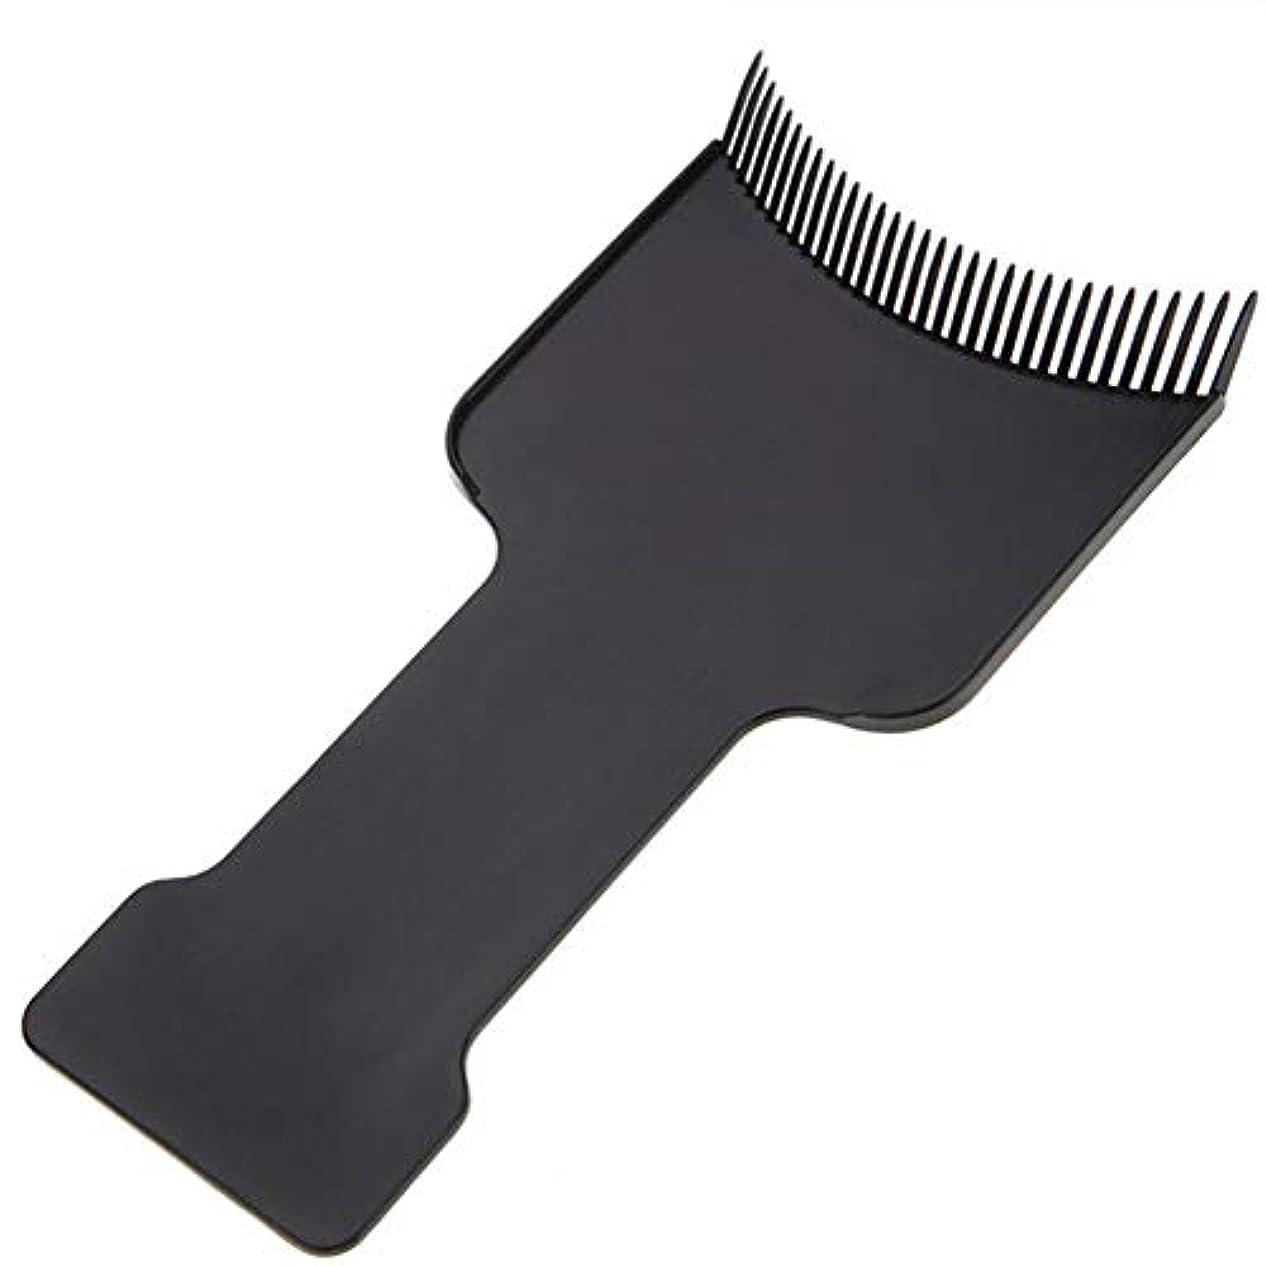 階段疫病債務AIMERKUP 理髪サロンヘアカラーリング染色ボードヘアトリートメントケアピックカラーボードくし理髪ツール frugal friendly